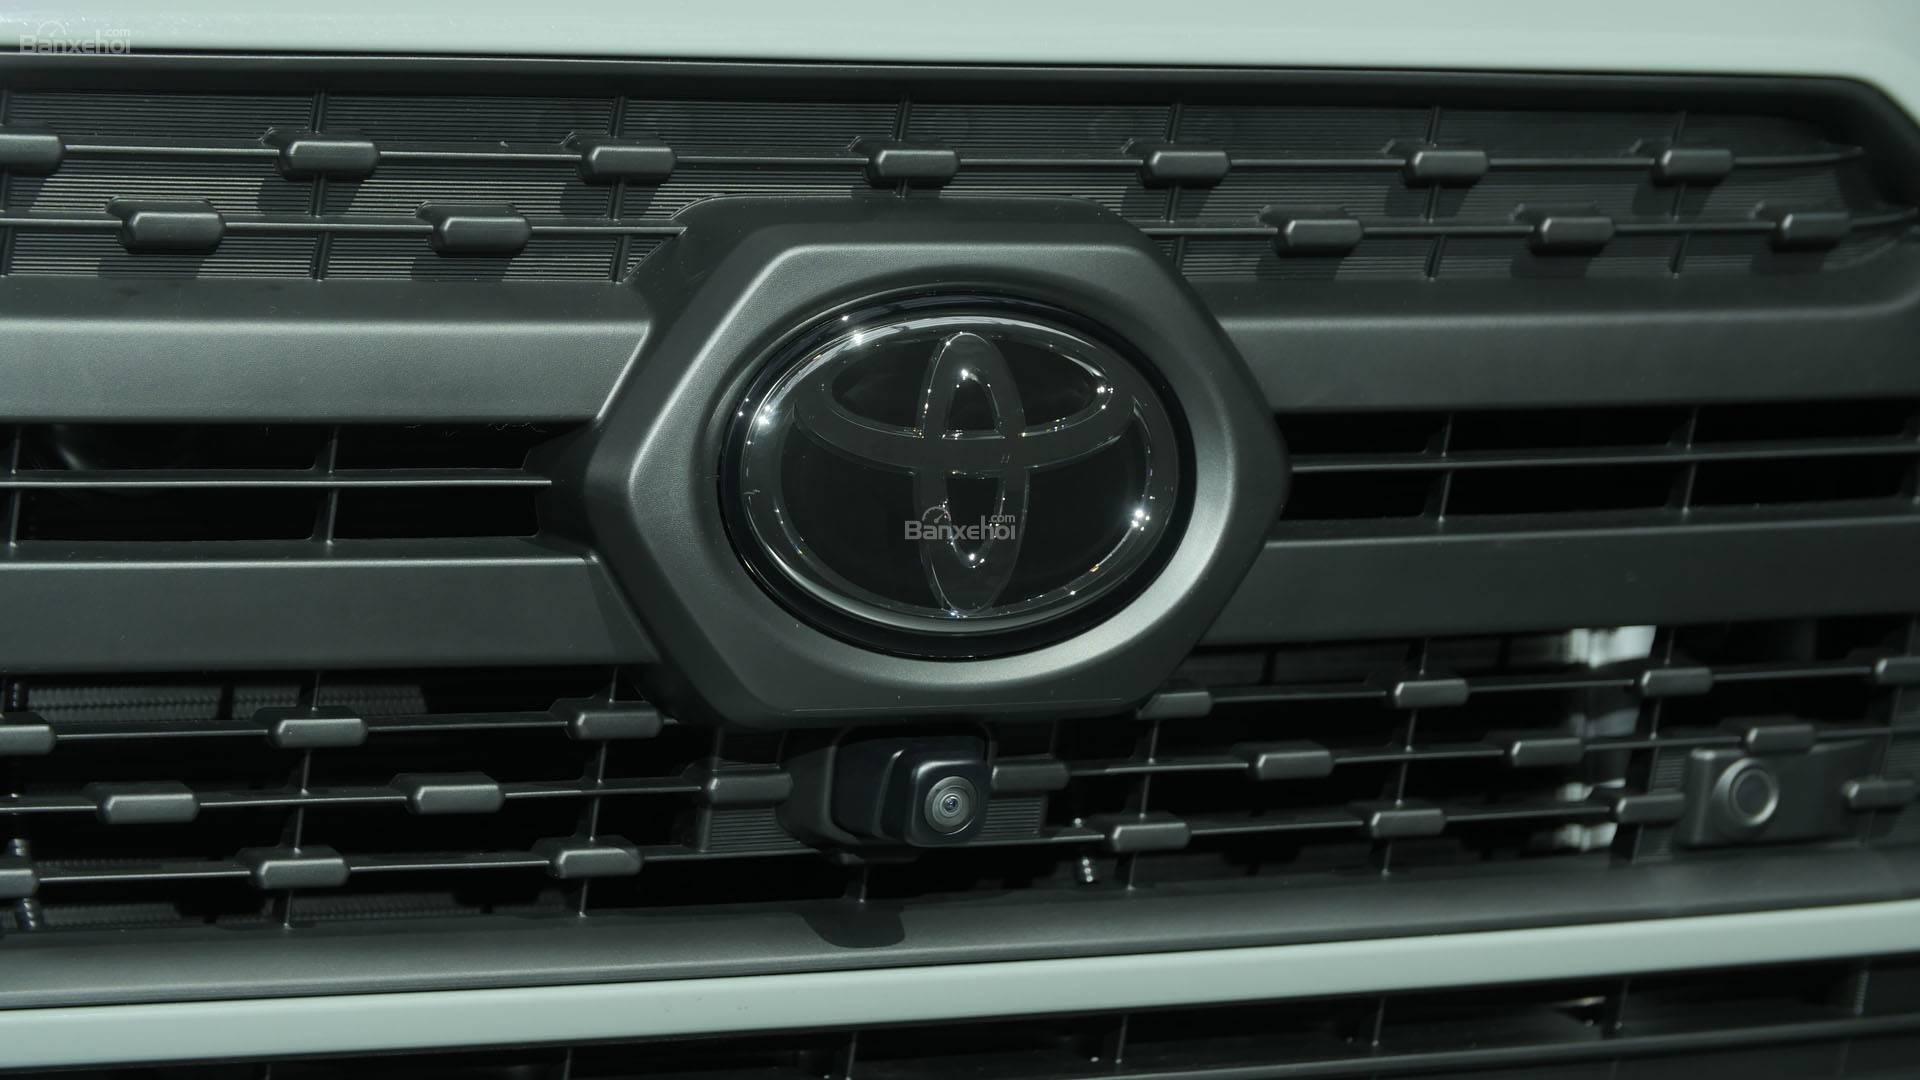 Đánh giá xe Toyota RAV4 2019 về thiết kế đầu xe: Lưới tản nhiệt mới 2